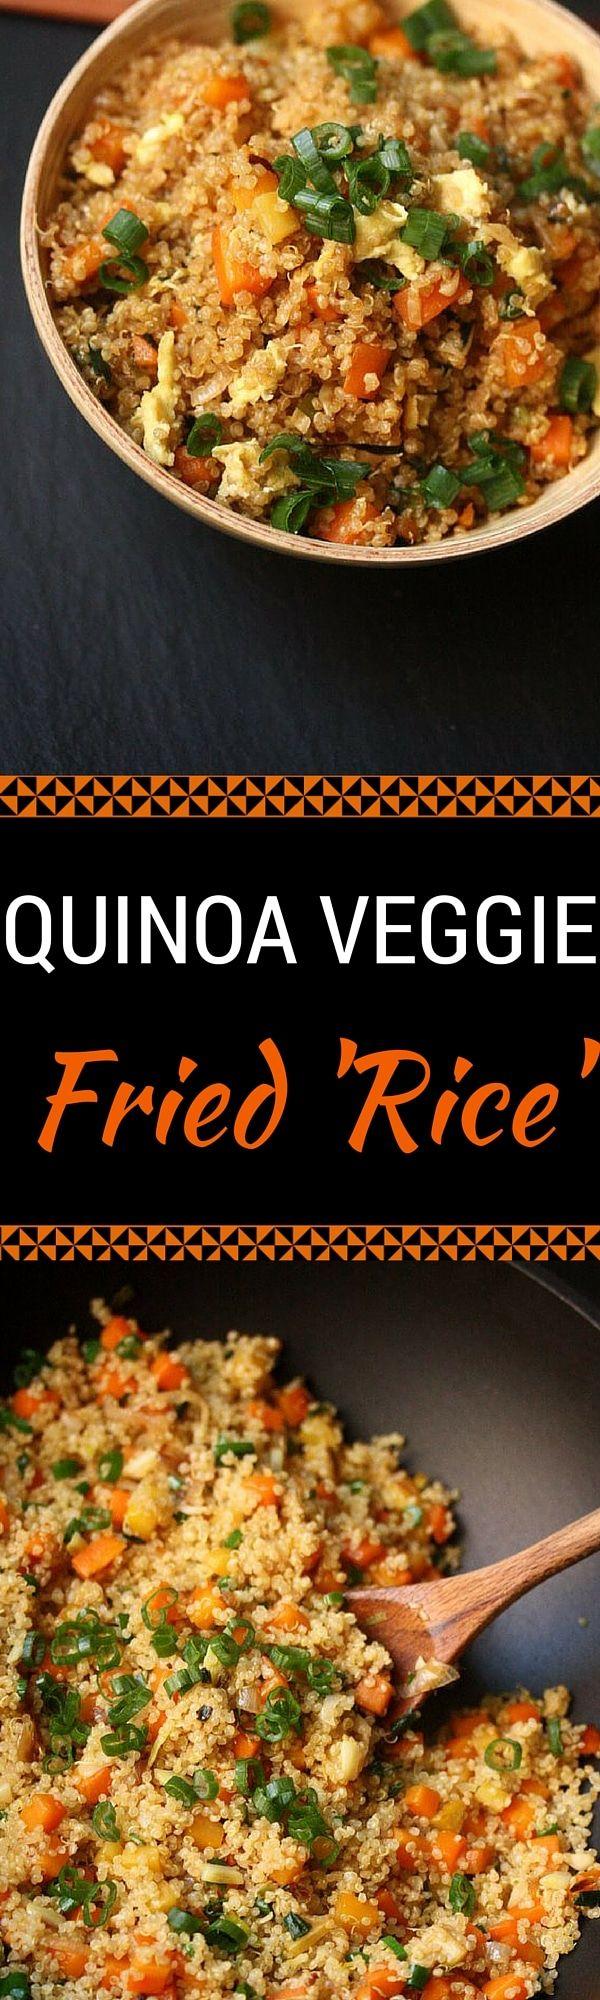 Quinoa Fried Veggie Rice - This Quinoa Fried Veggi…